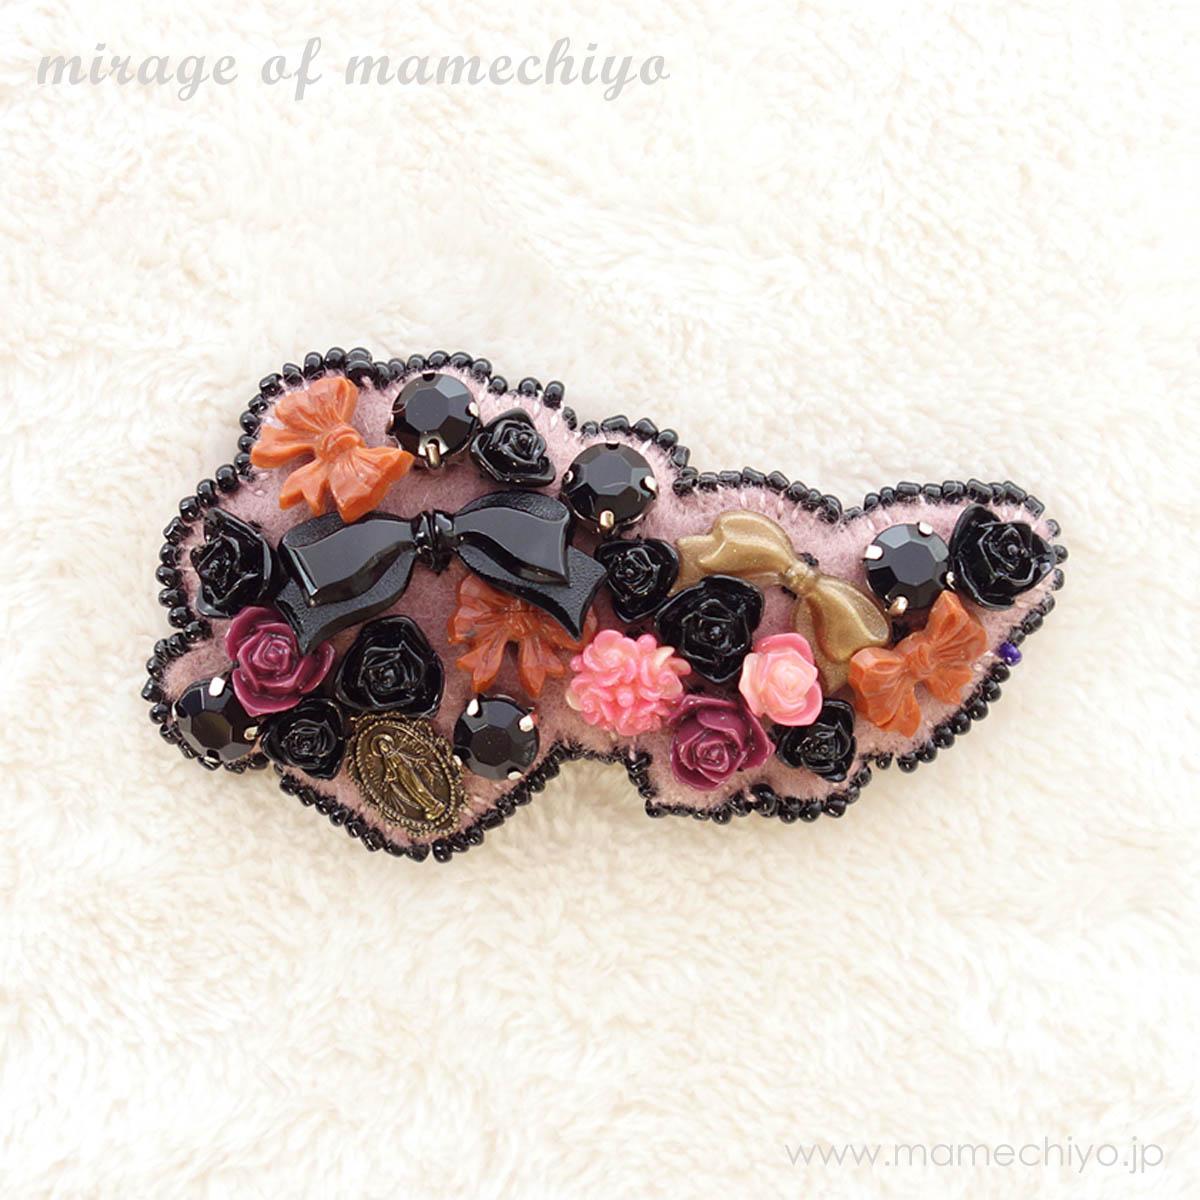 帯留 マリア・ローズ  (mirage of mamechiyo)